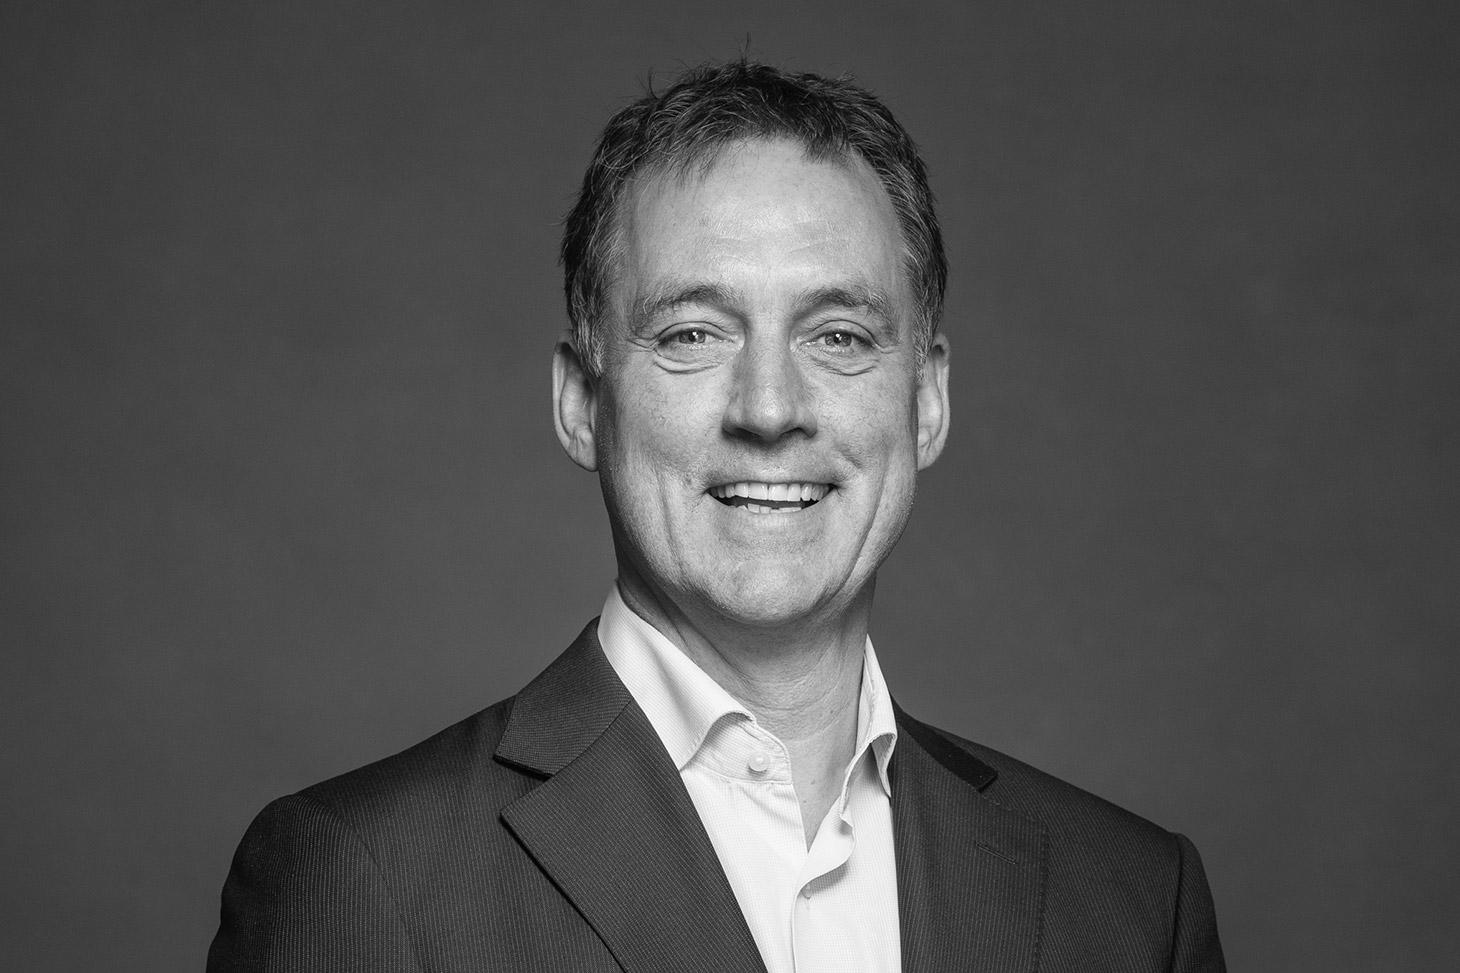 Robert Jan van der Weijden